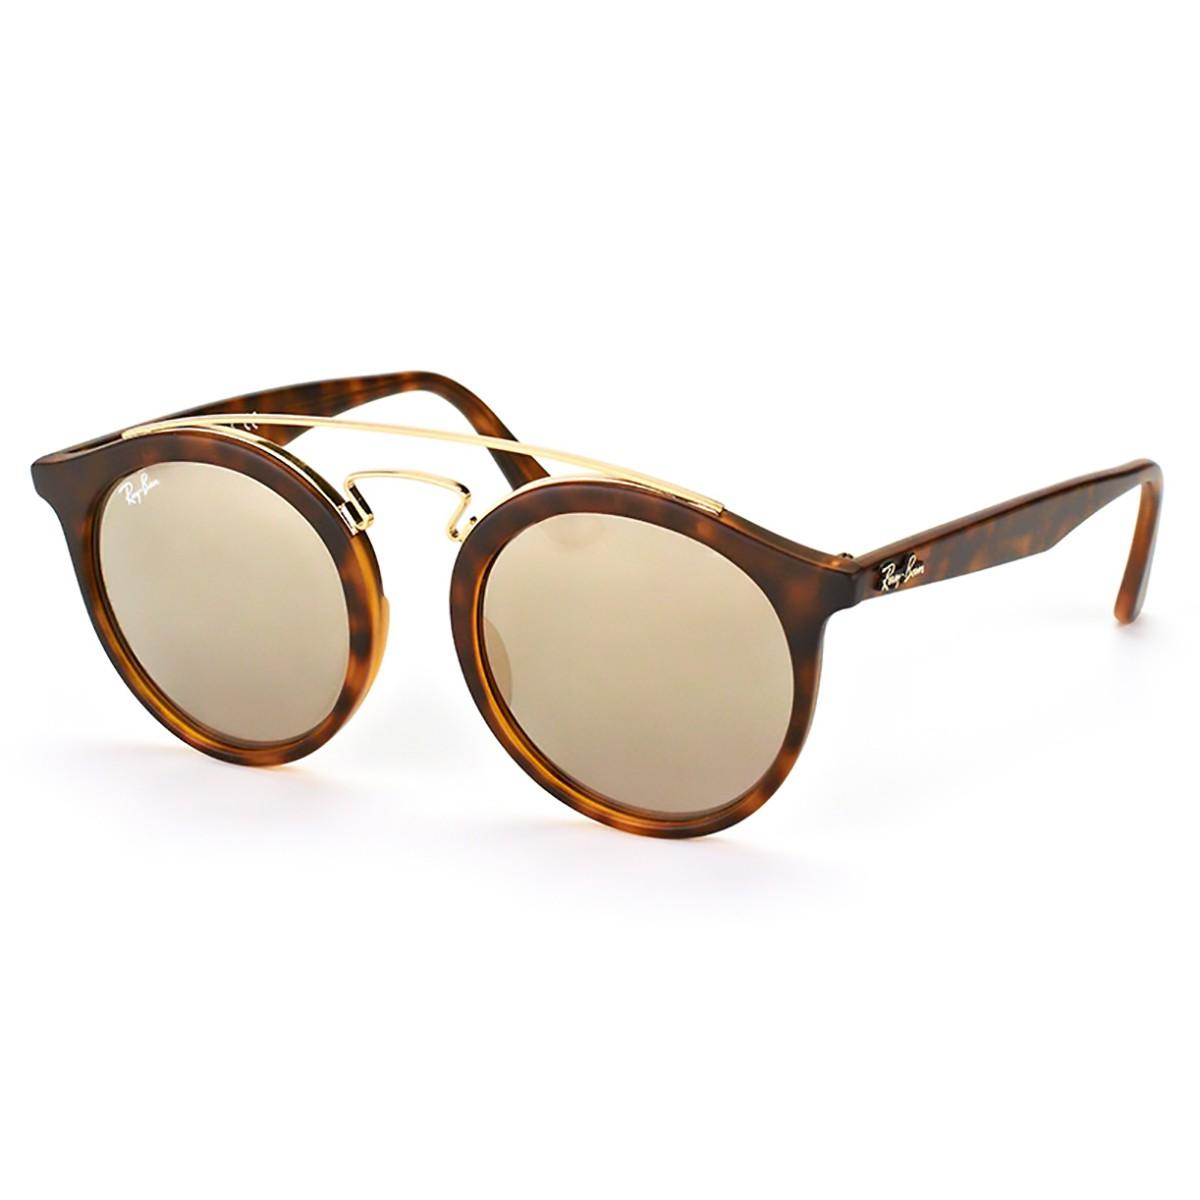 Compre Óculos de Sol Ray Ban Gatsby Redondo em 10X   Tri-Jóia Shop c81983ae89